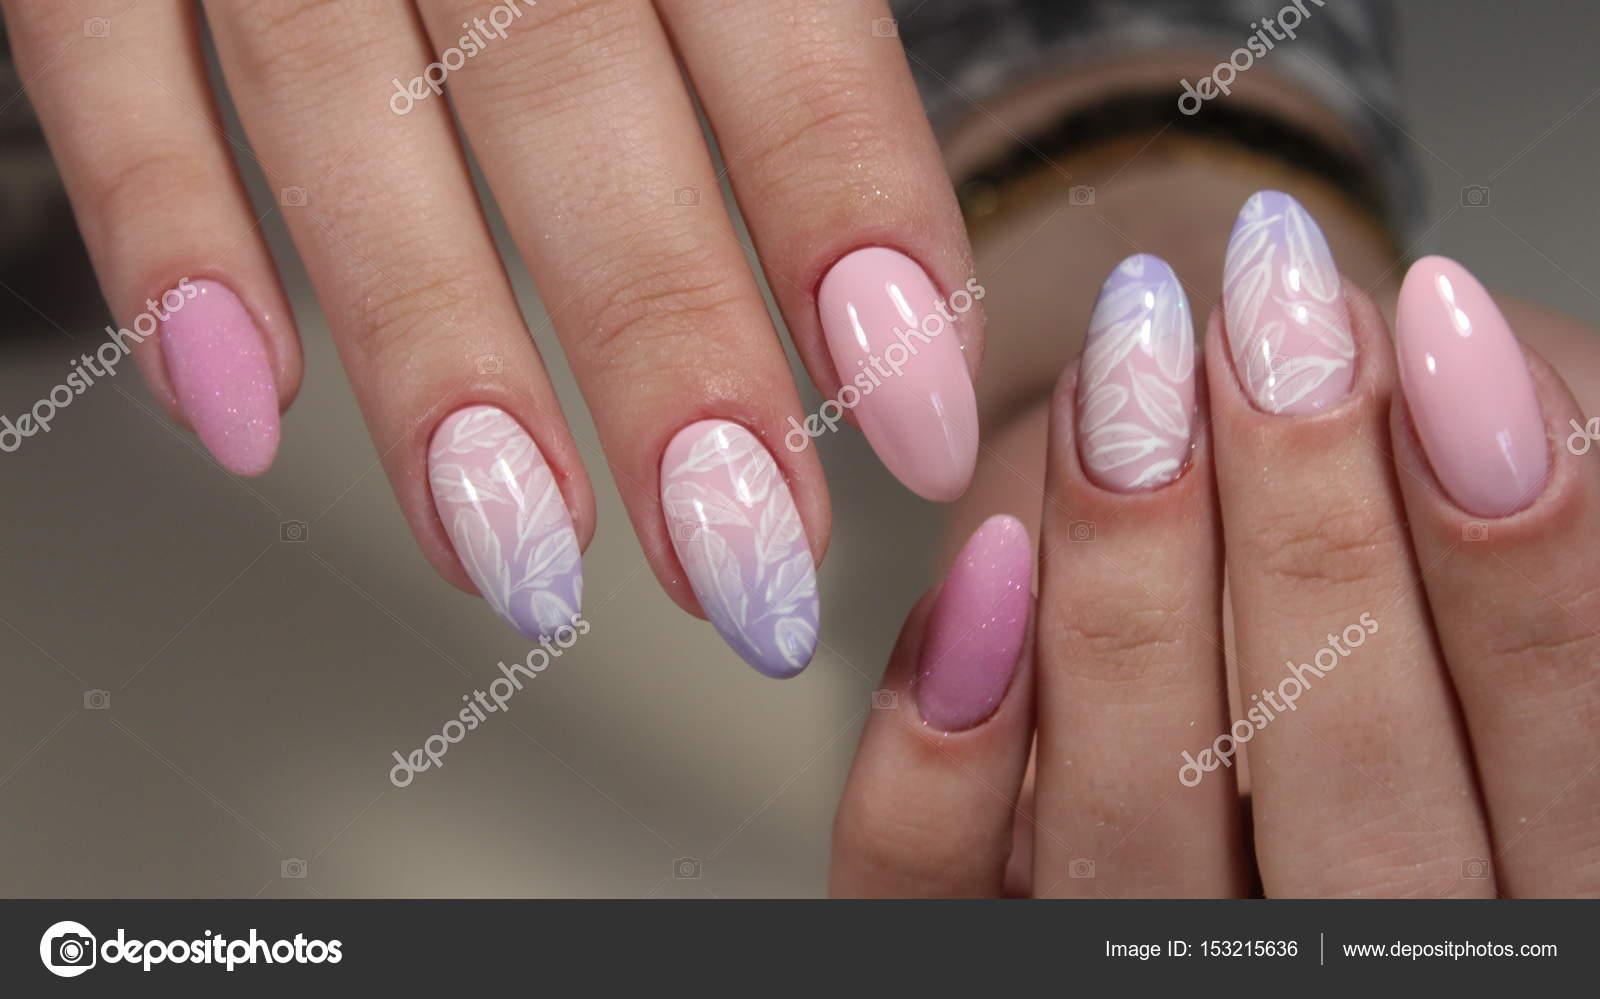 Maniküre Design mit einem Muster auf den Nägeln — Stockfoto ...